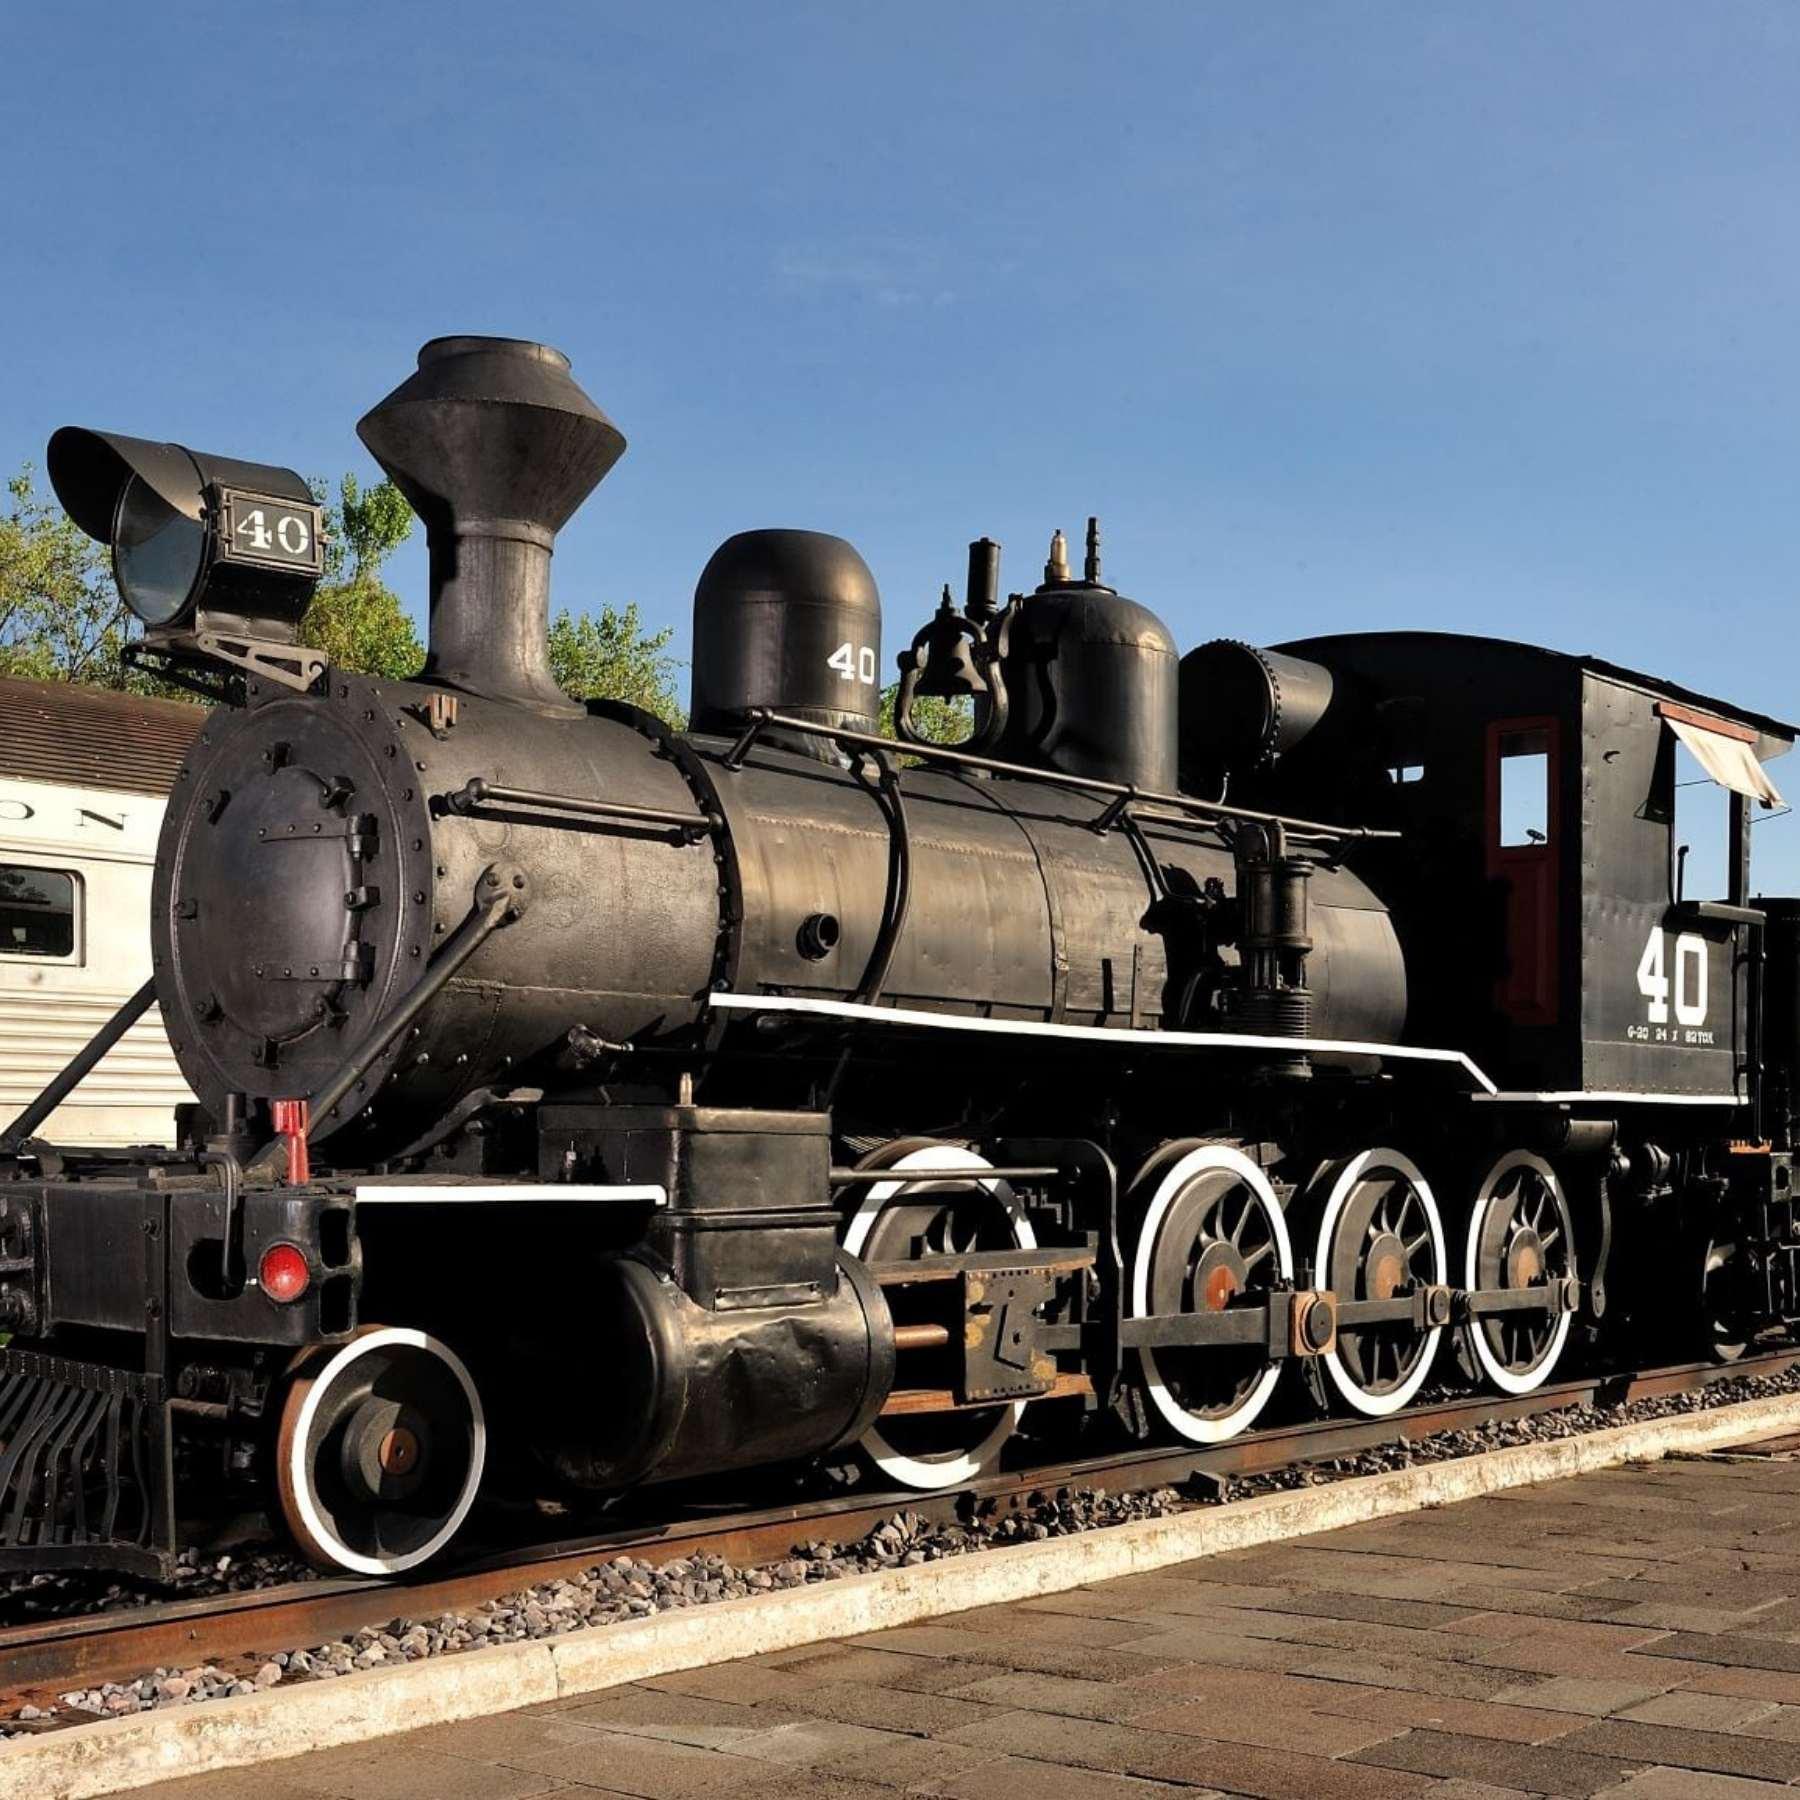 El Museo del Ferrocarril es uno de los museos en Puebla que debes visitar.